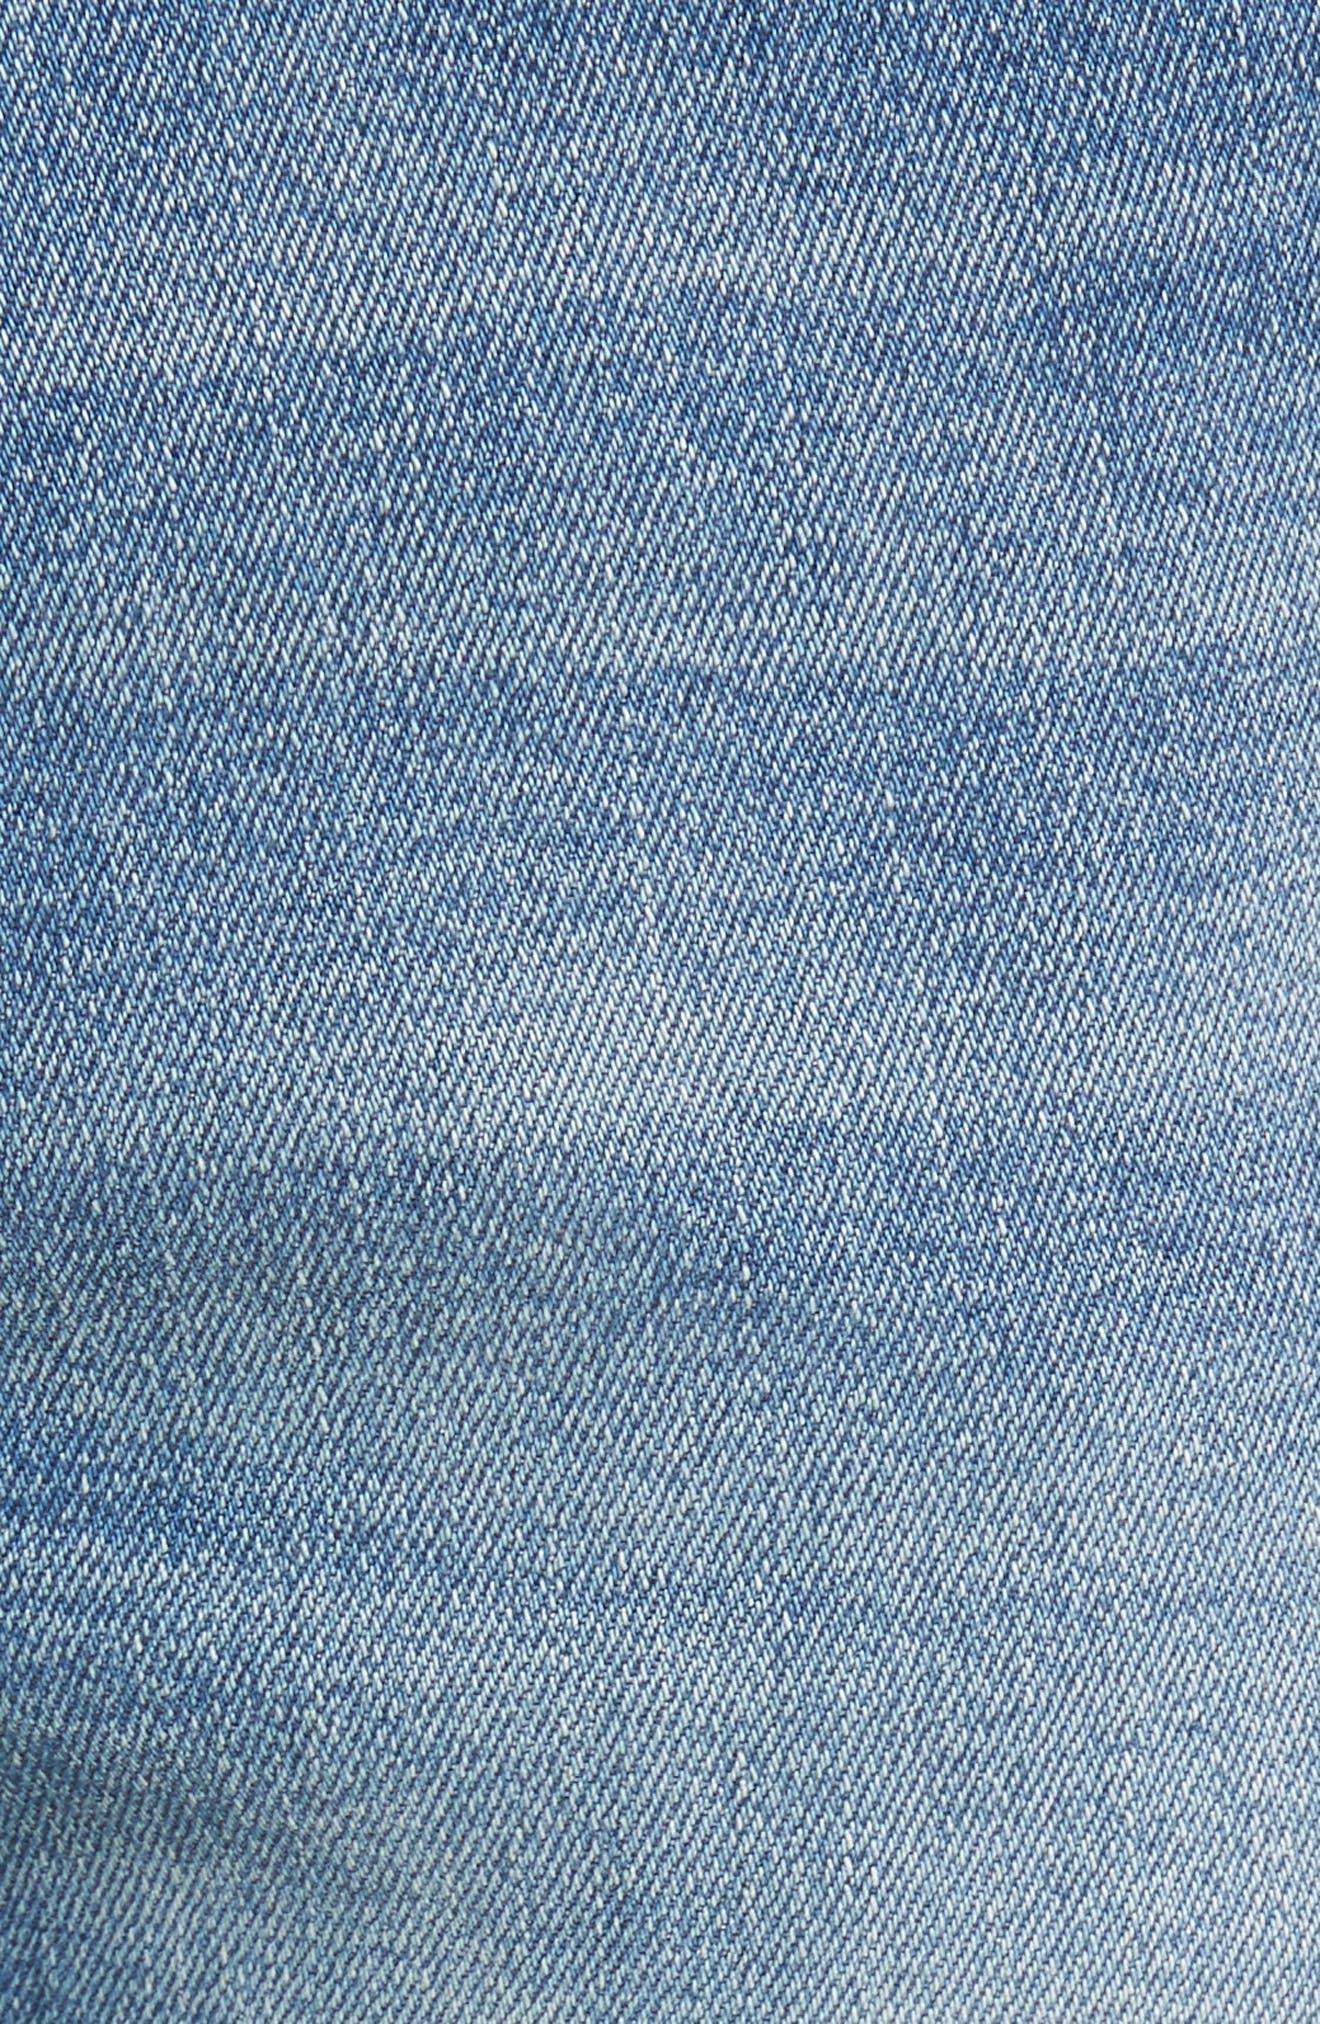 Hunter Skinny Jeans,                             Alternate thumbnail 5, color,                             HALT 2